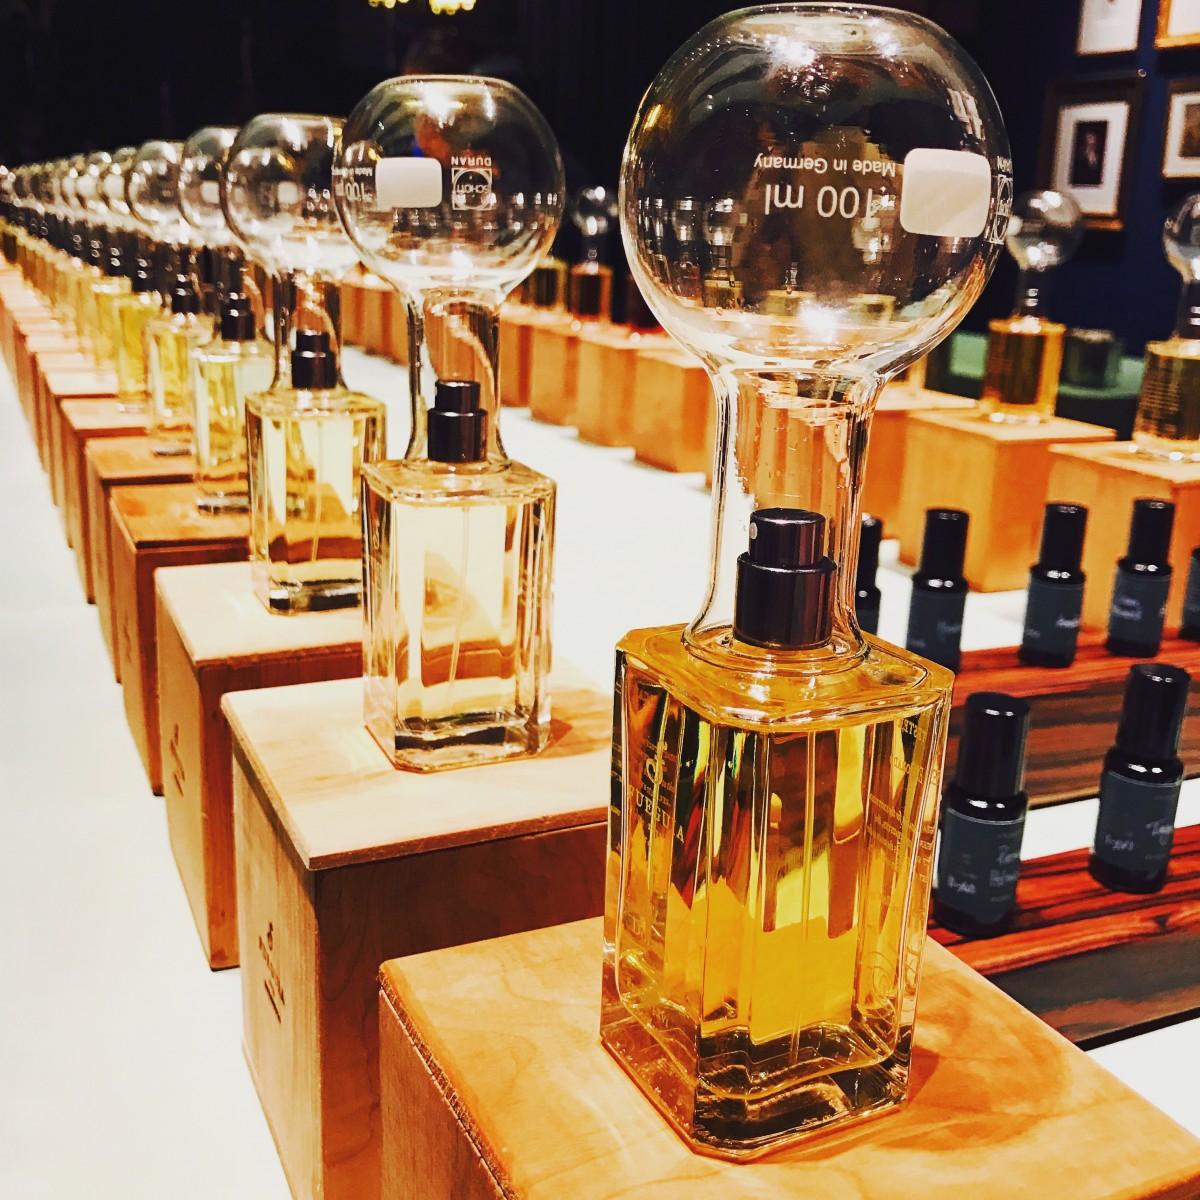 最高峰の天然香料フレグランス「FUEGUIA 1833」日本上陸一周年記念プレス発表会